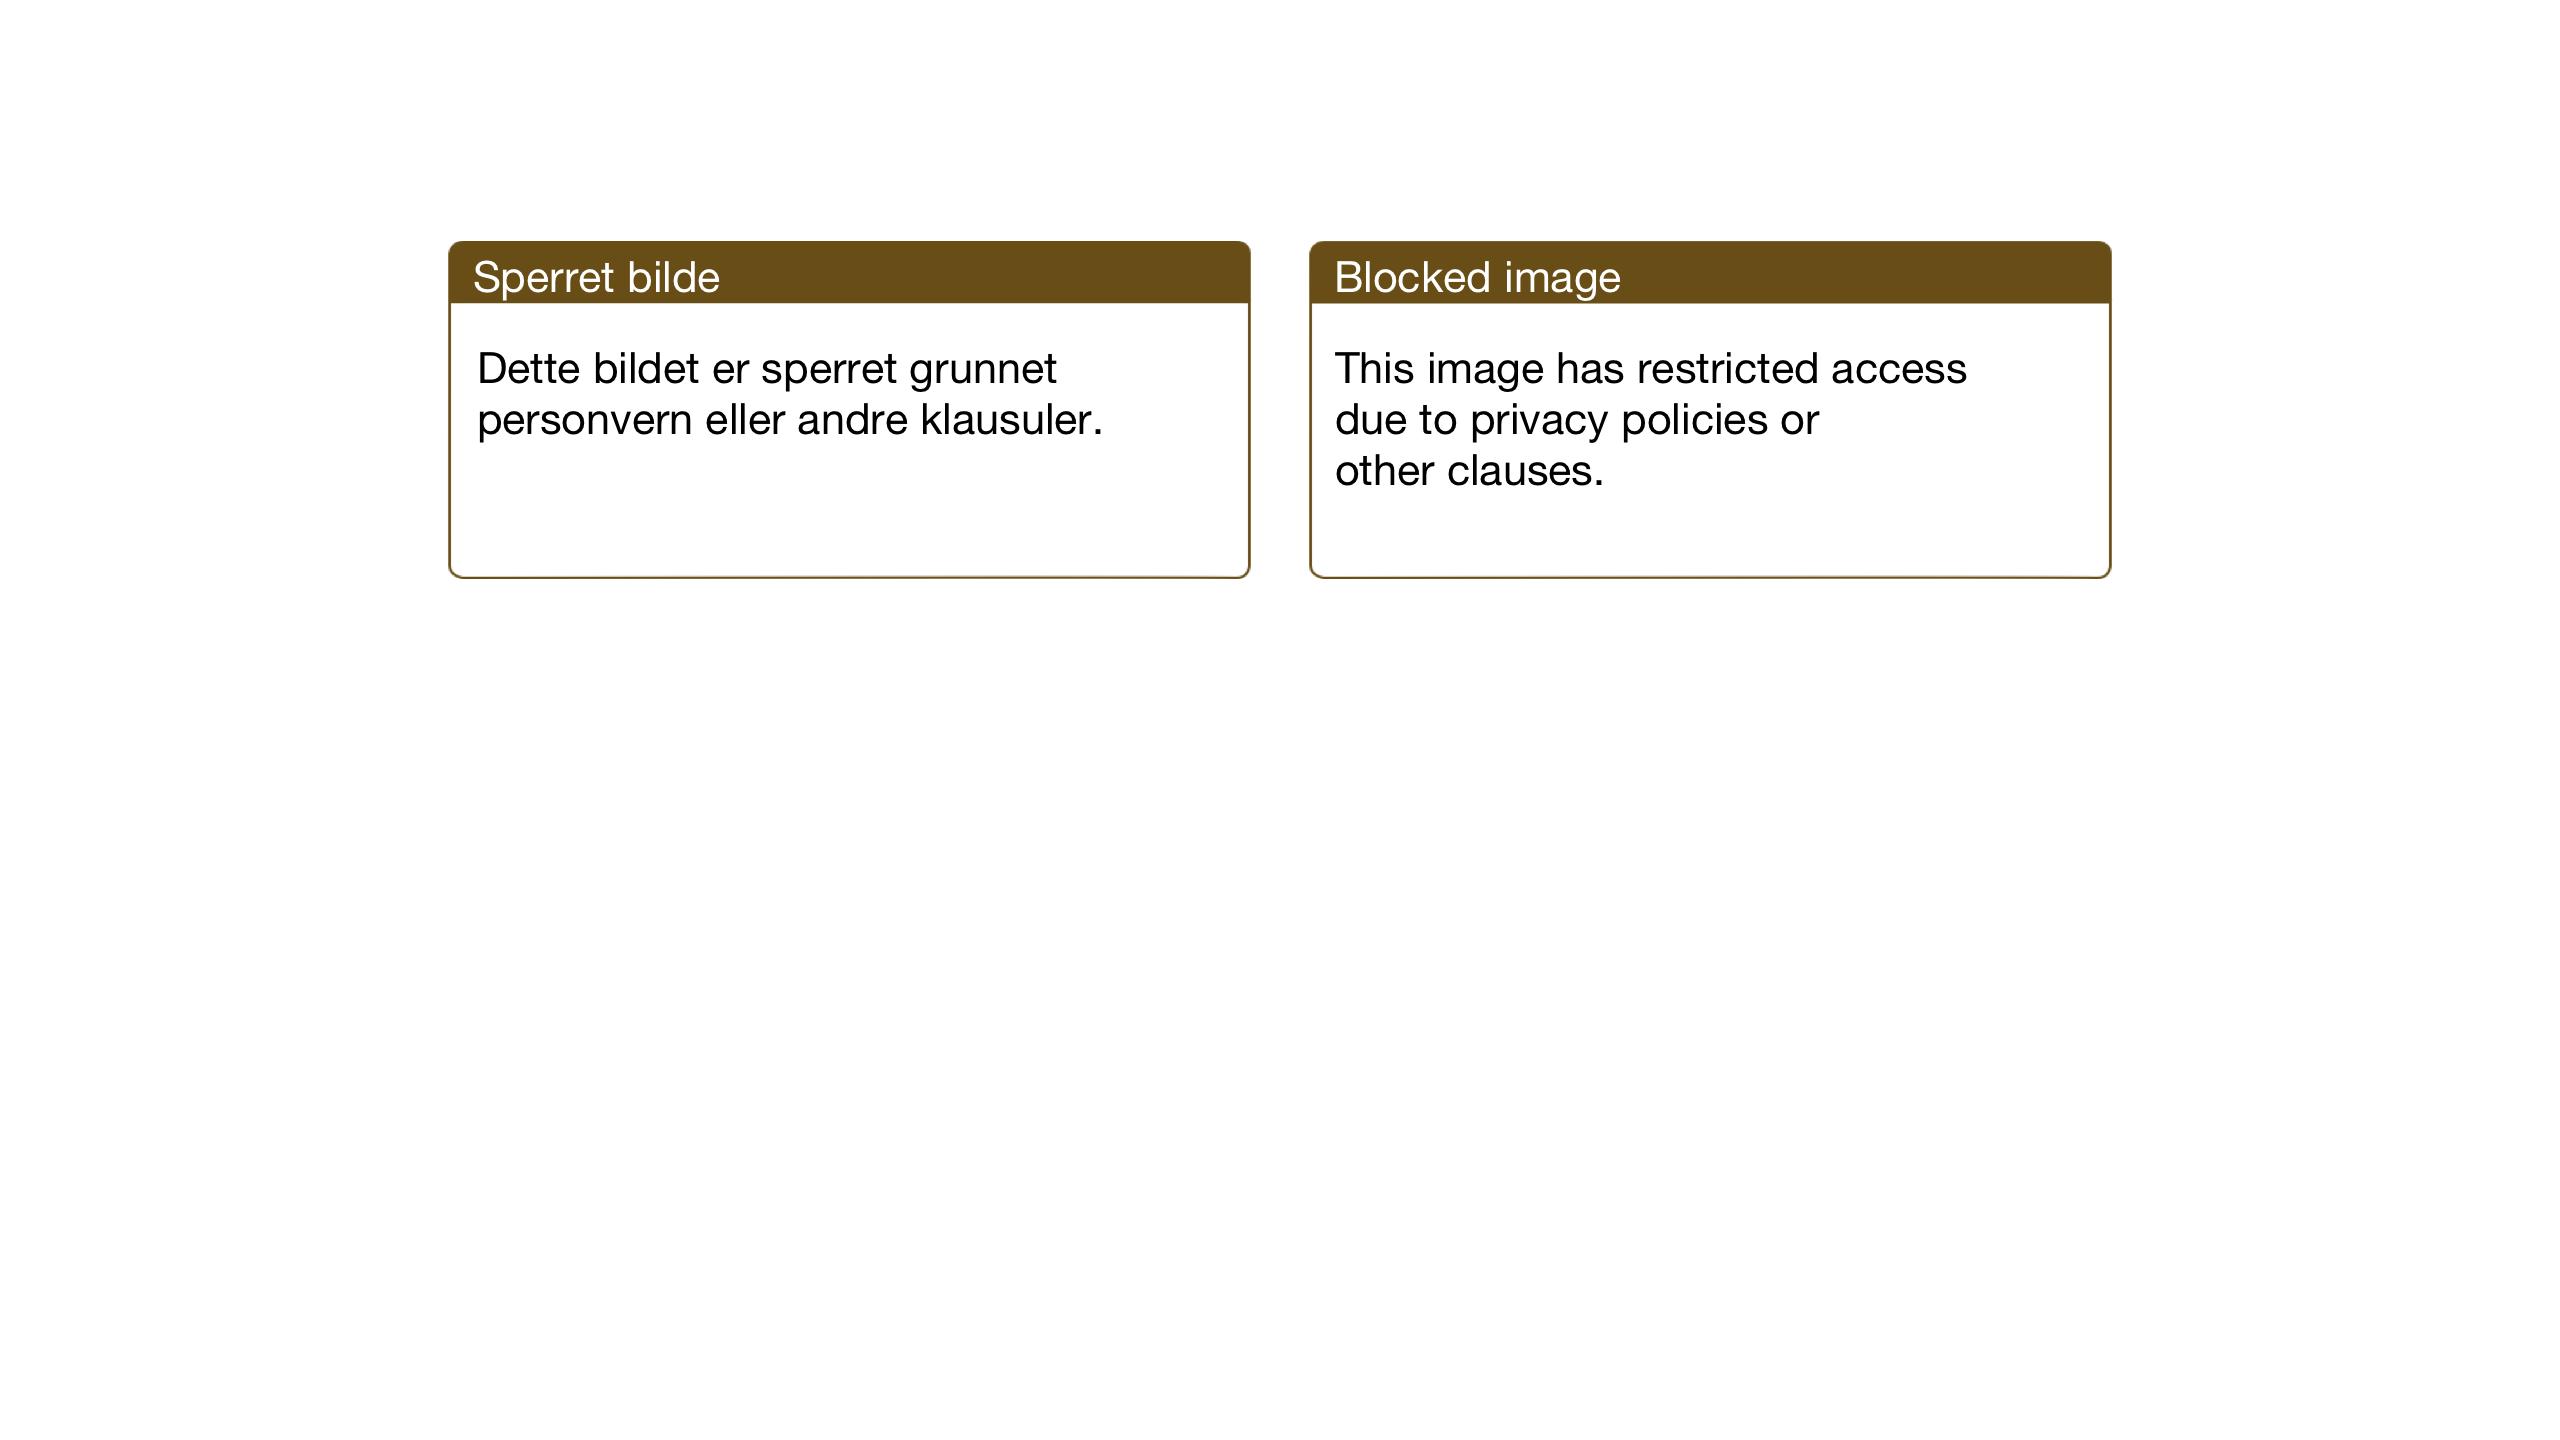 SAT, Ministerialprotokoller, klokkerbøker og fødselsregistre - Sør-Trøndelag, 669/L0832: Klokkerbok nr. 669C02, 1925-1953, s. 88